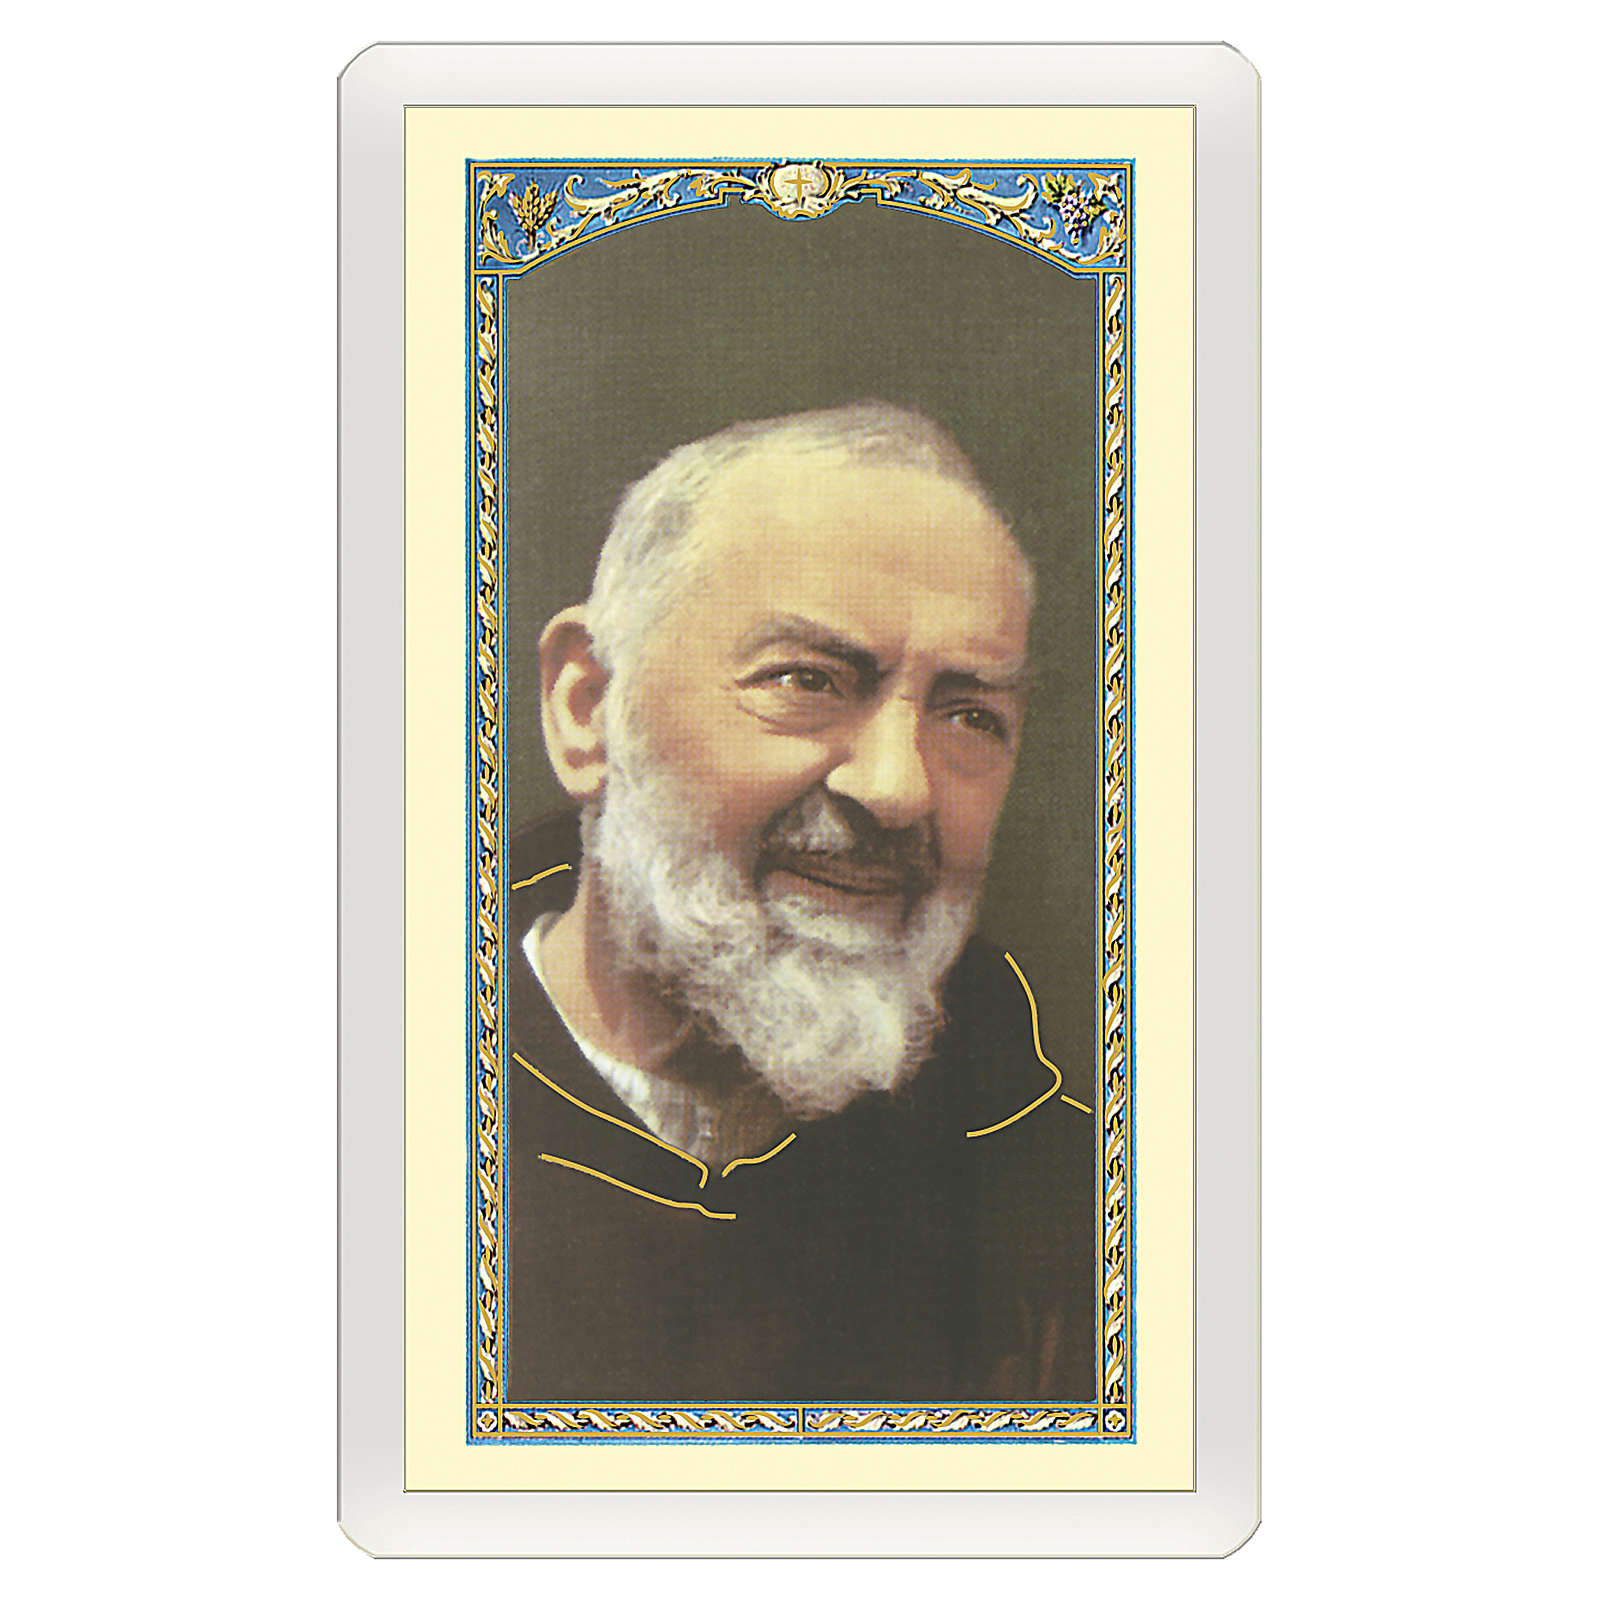 Obrazek Ojciec Pio Modlitwa do Ojca Pio IT 10x5 4